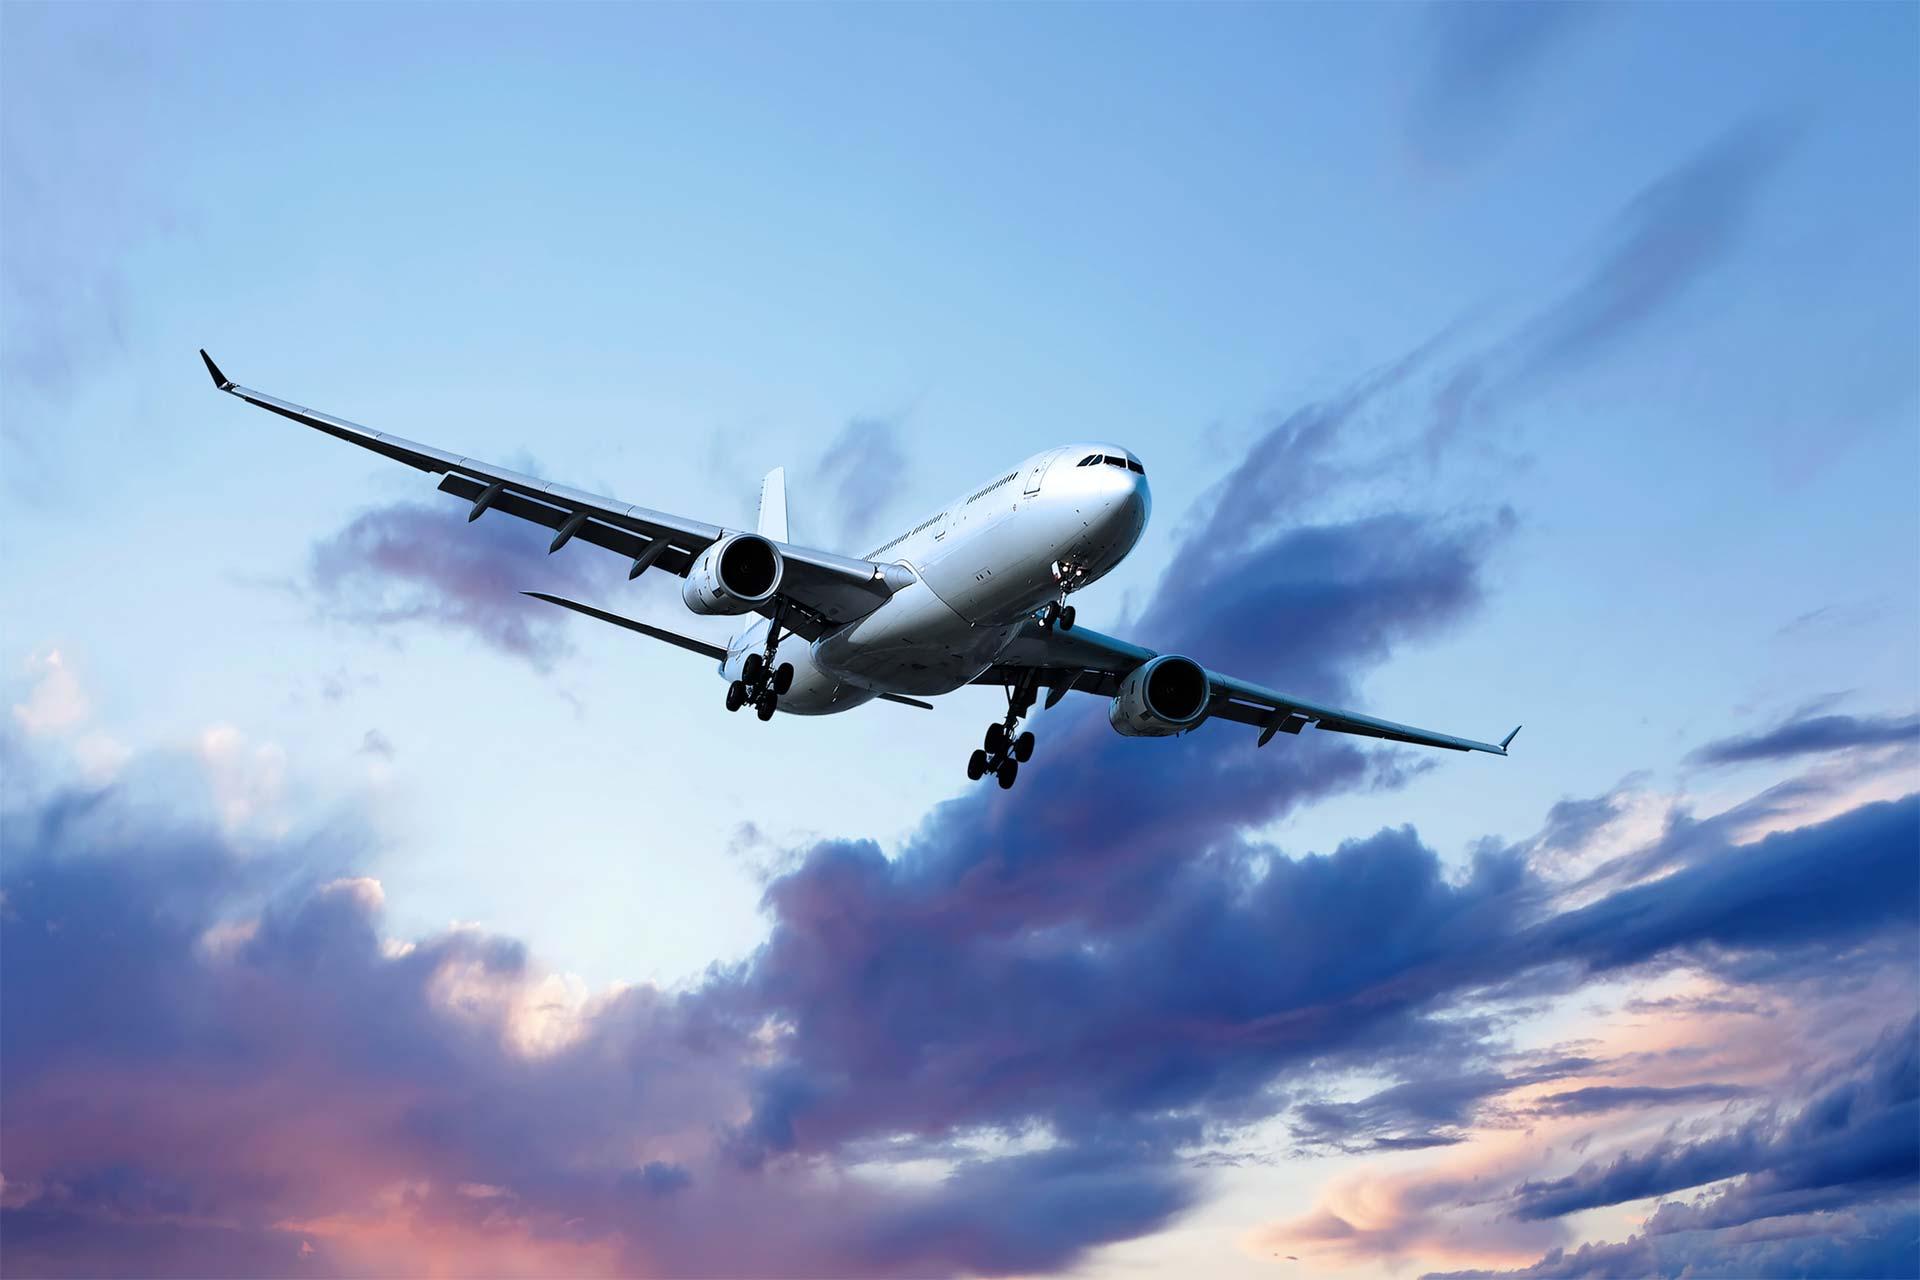 Las cabinas de los aviones, actualmente, tienen cerrojos que permiten a los pilotos aislarse del todo del resto del aparato